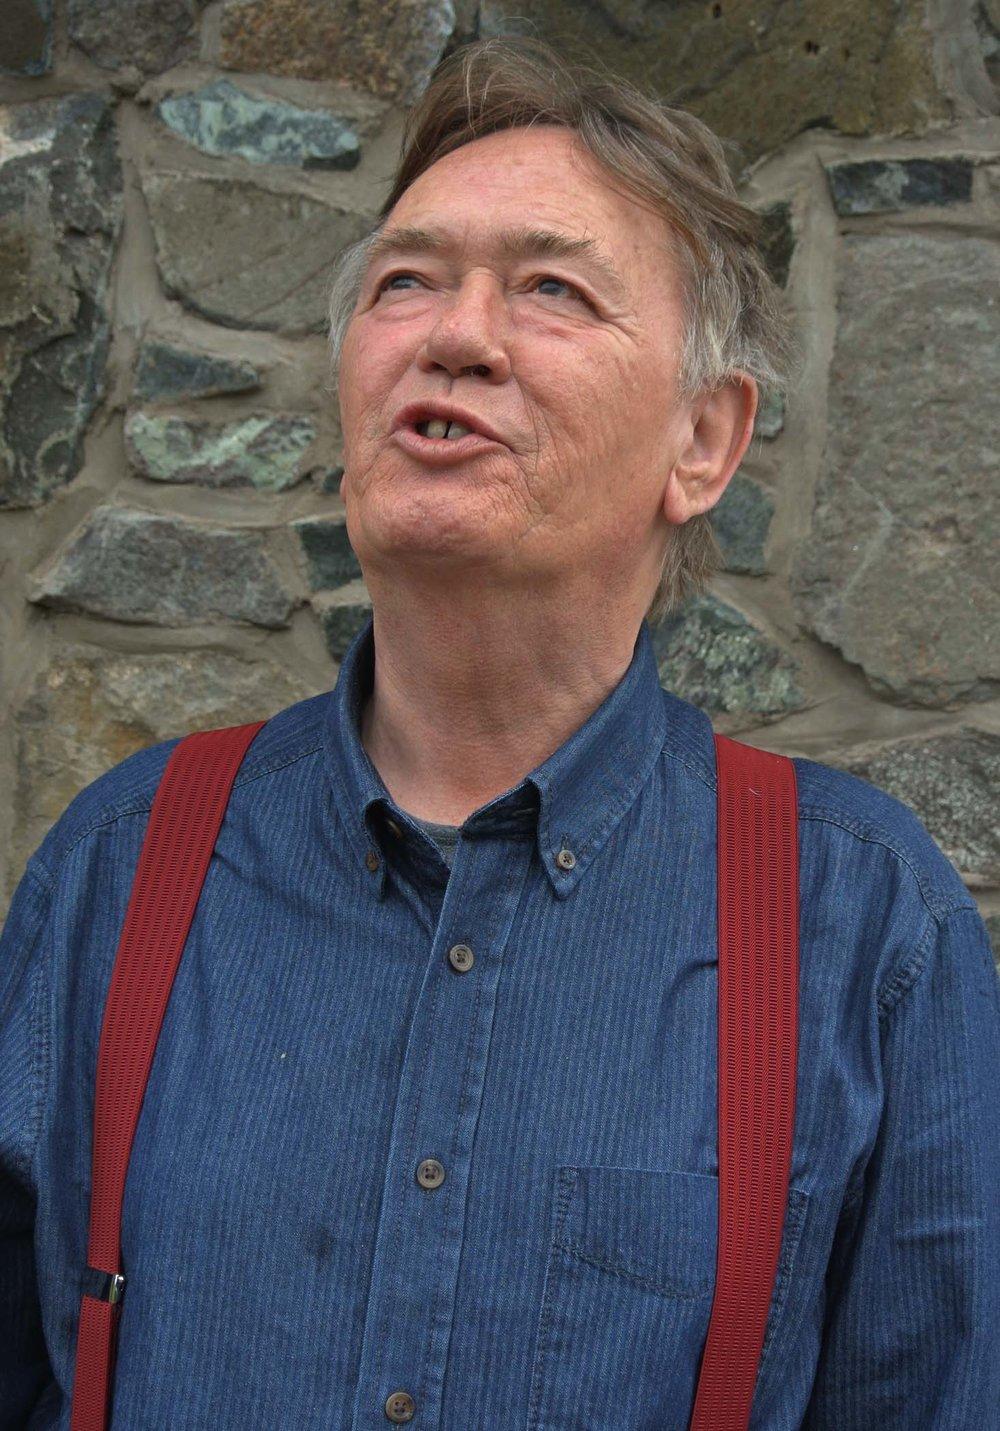 Bob Dewar